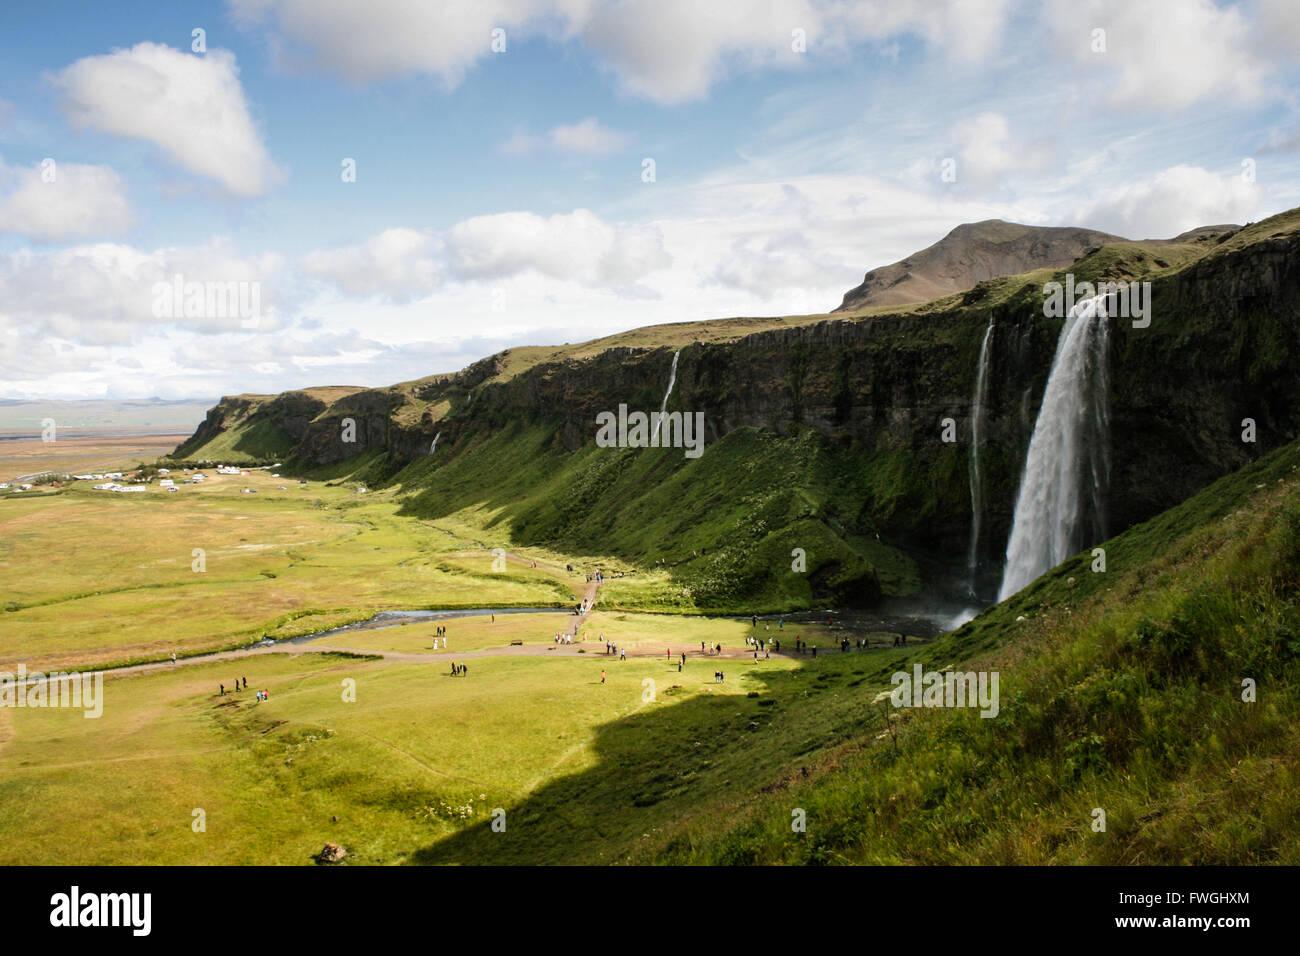 Querformat mit Wasserfall Stockbild